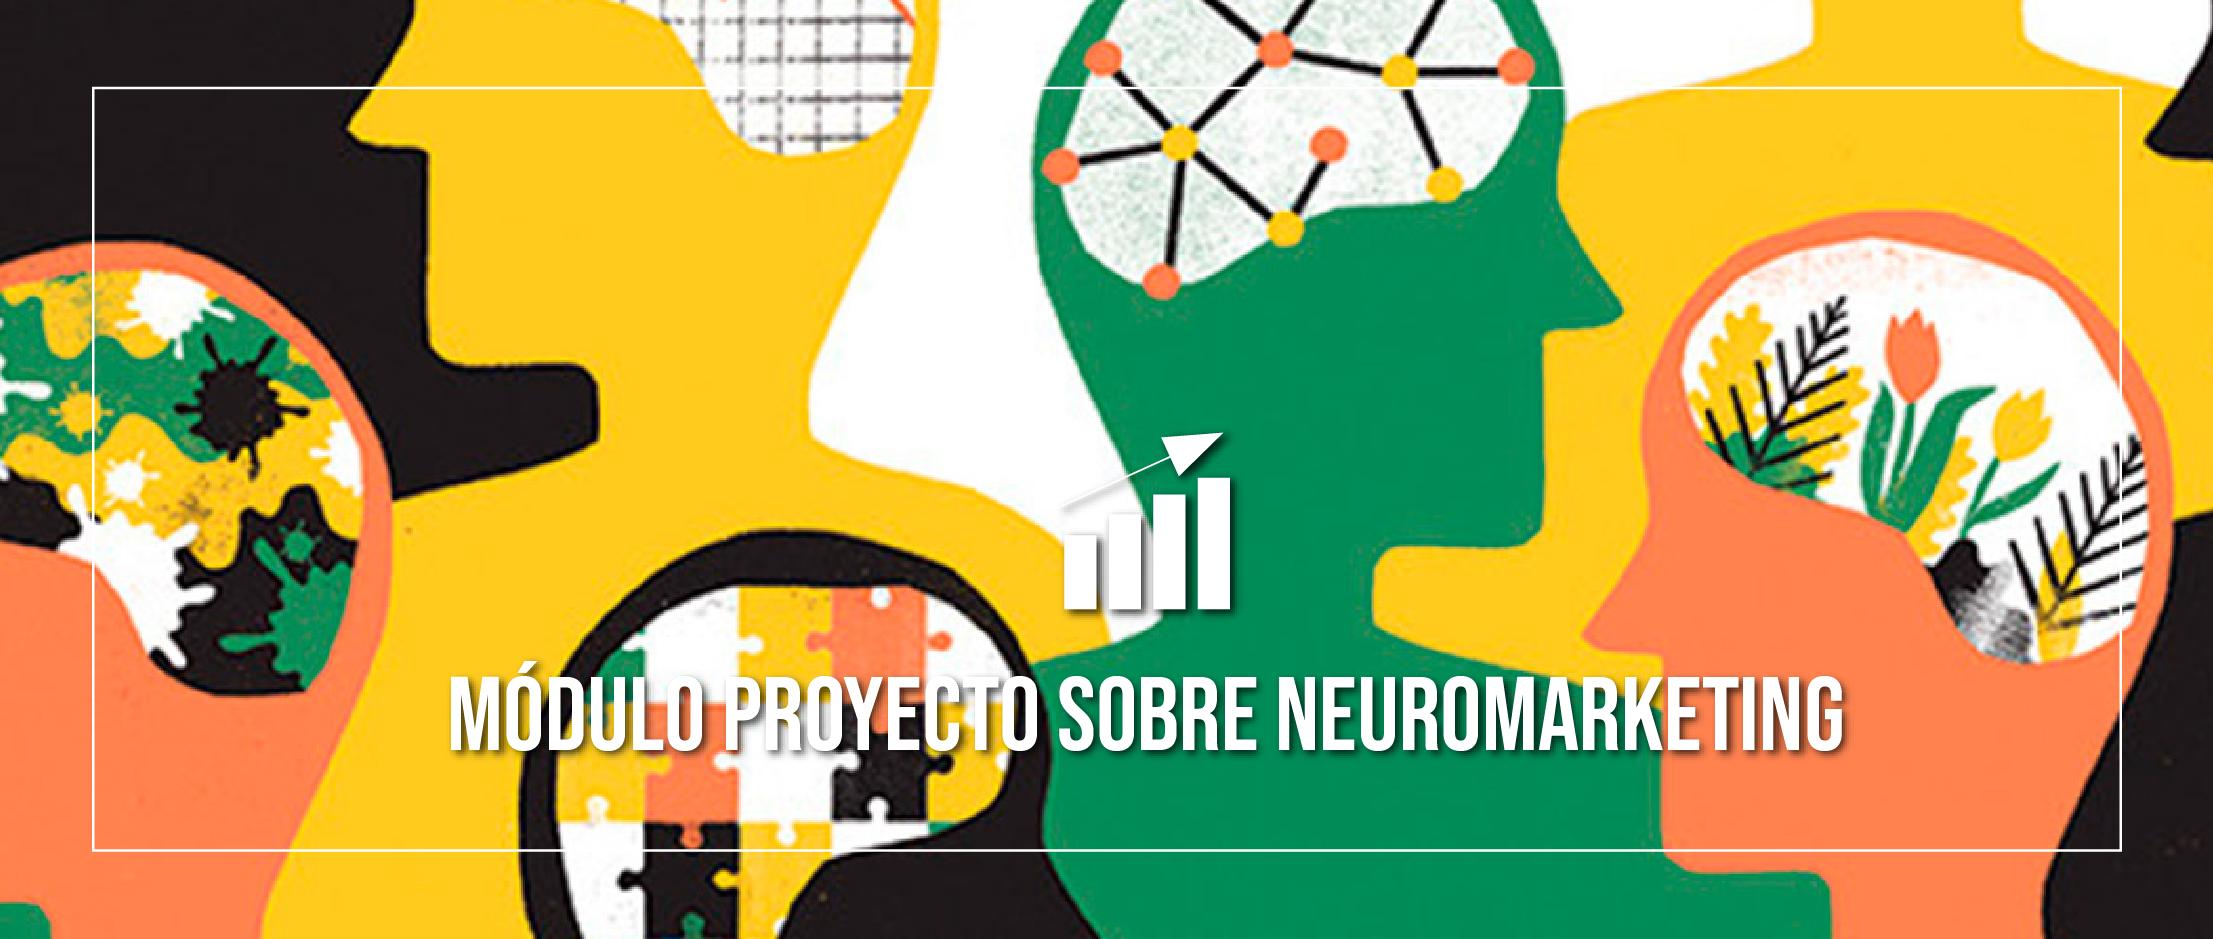 Primer trabajo de Módulo Proyecto. Una investigación sobre neuromarketing